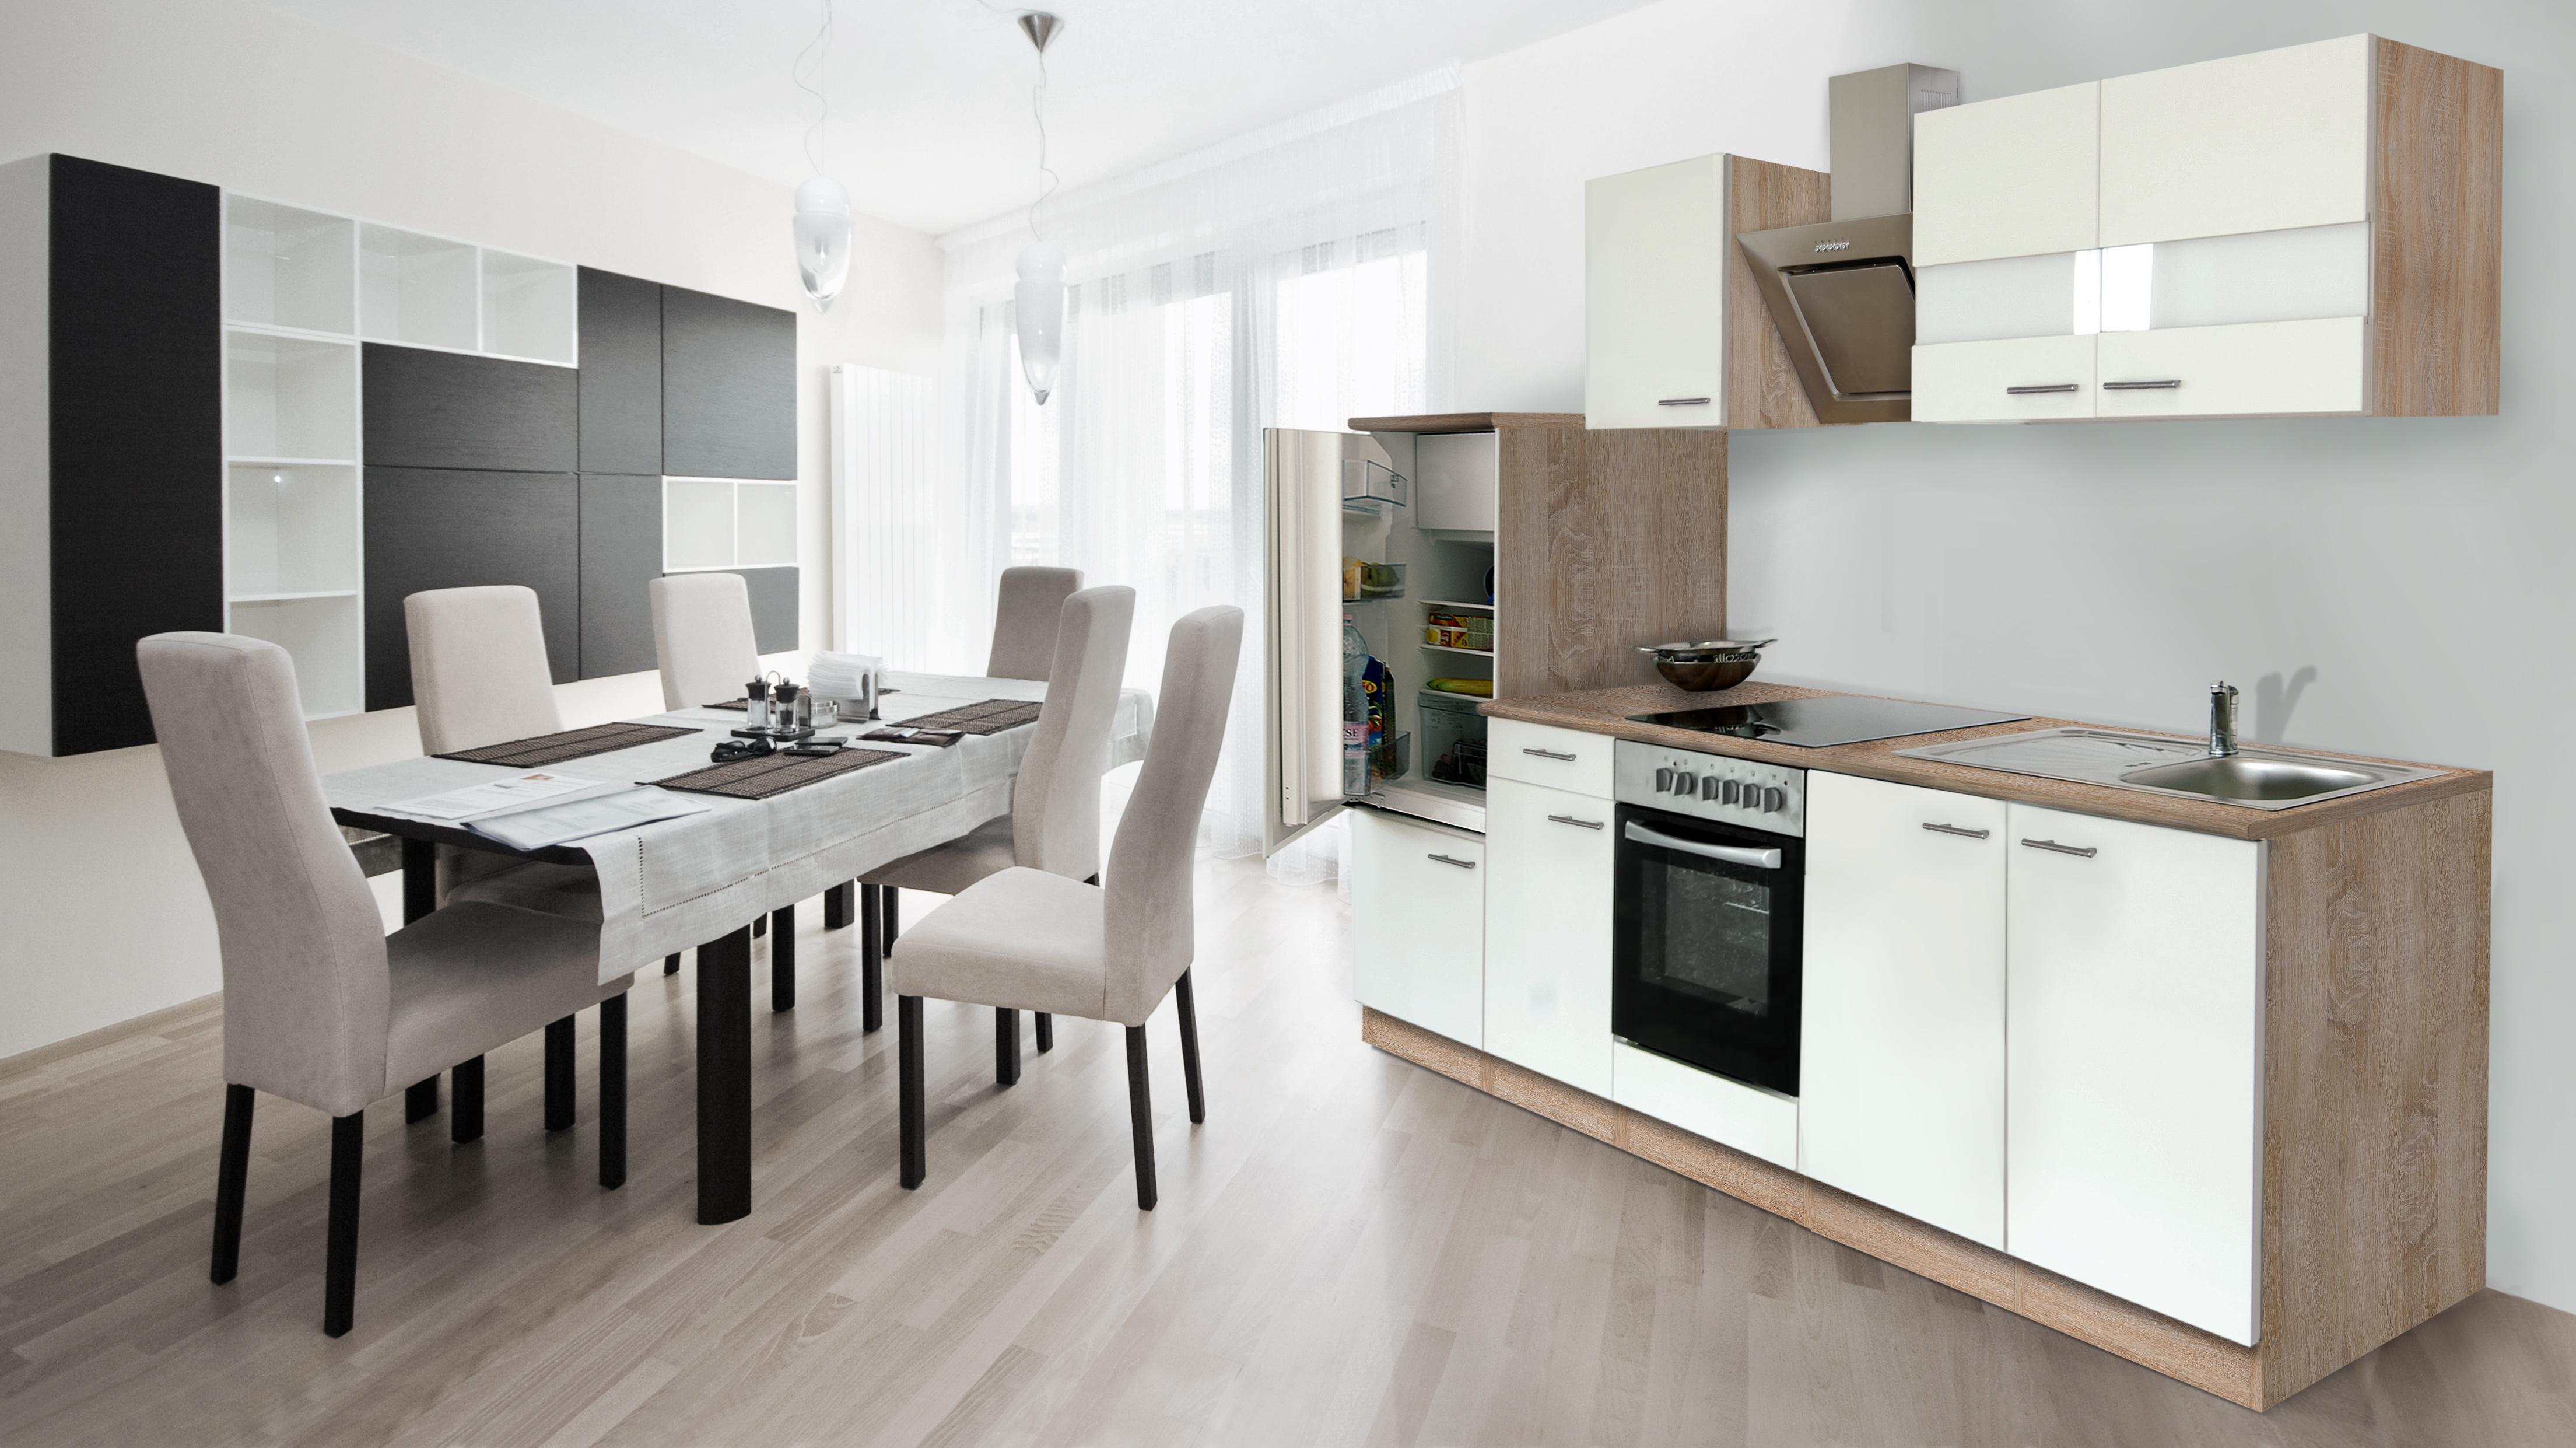 Dettagli su Cucinino Blocco Cucina Cucina Cucina Incasso 270 cm Rovere  Sonoma Bianco